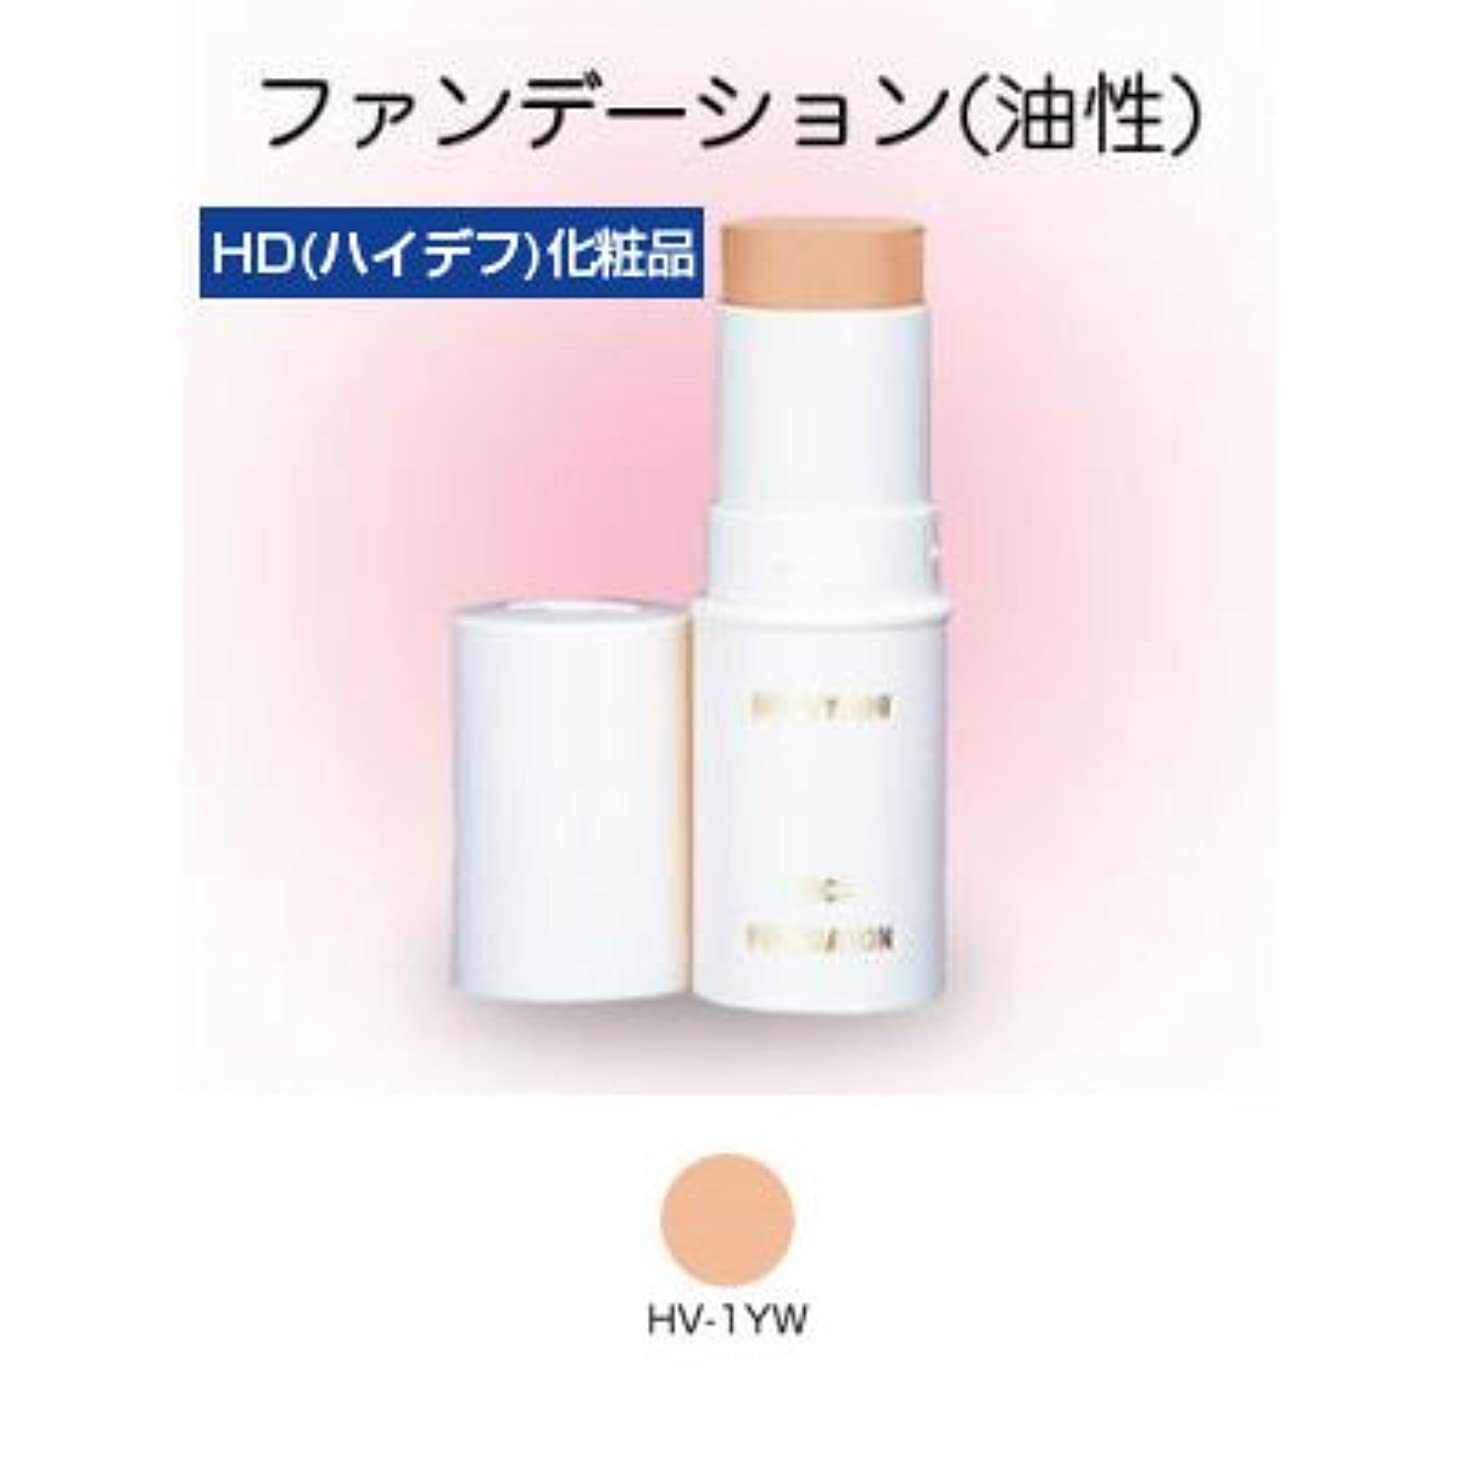 スティックファンデーション HD化粧品 17g 1YW 【三善】